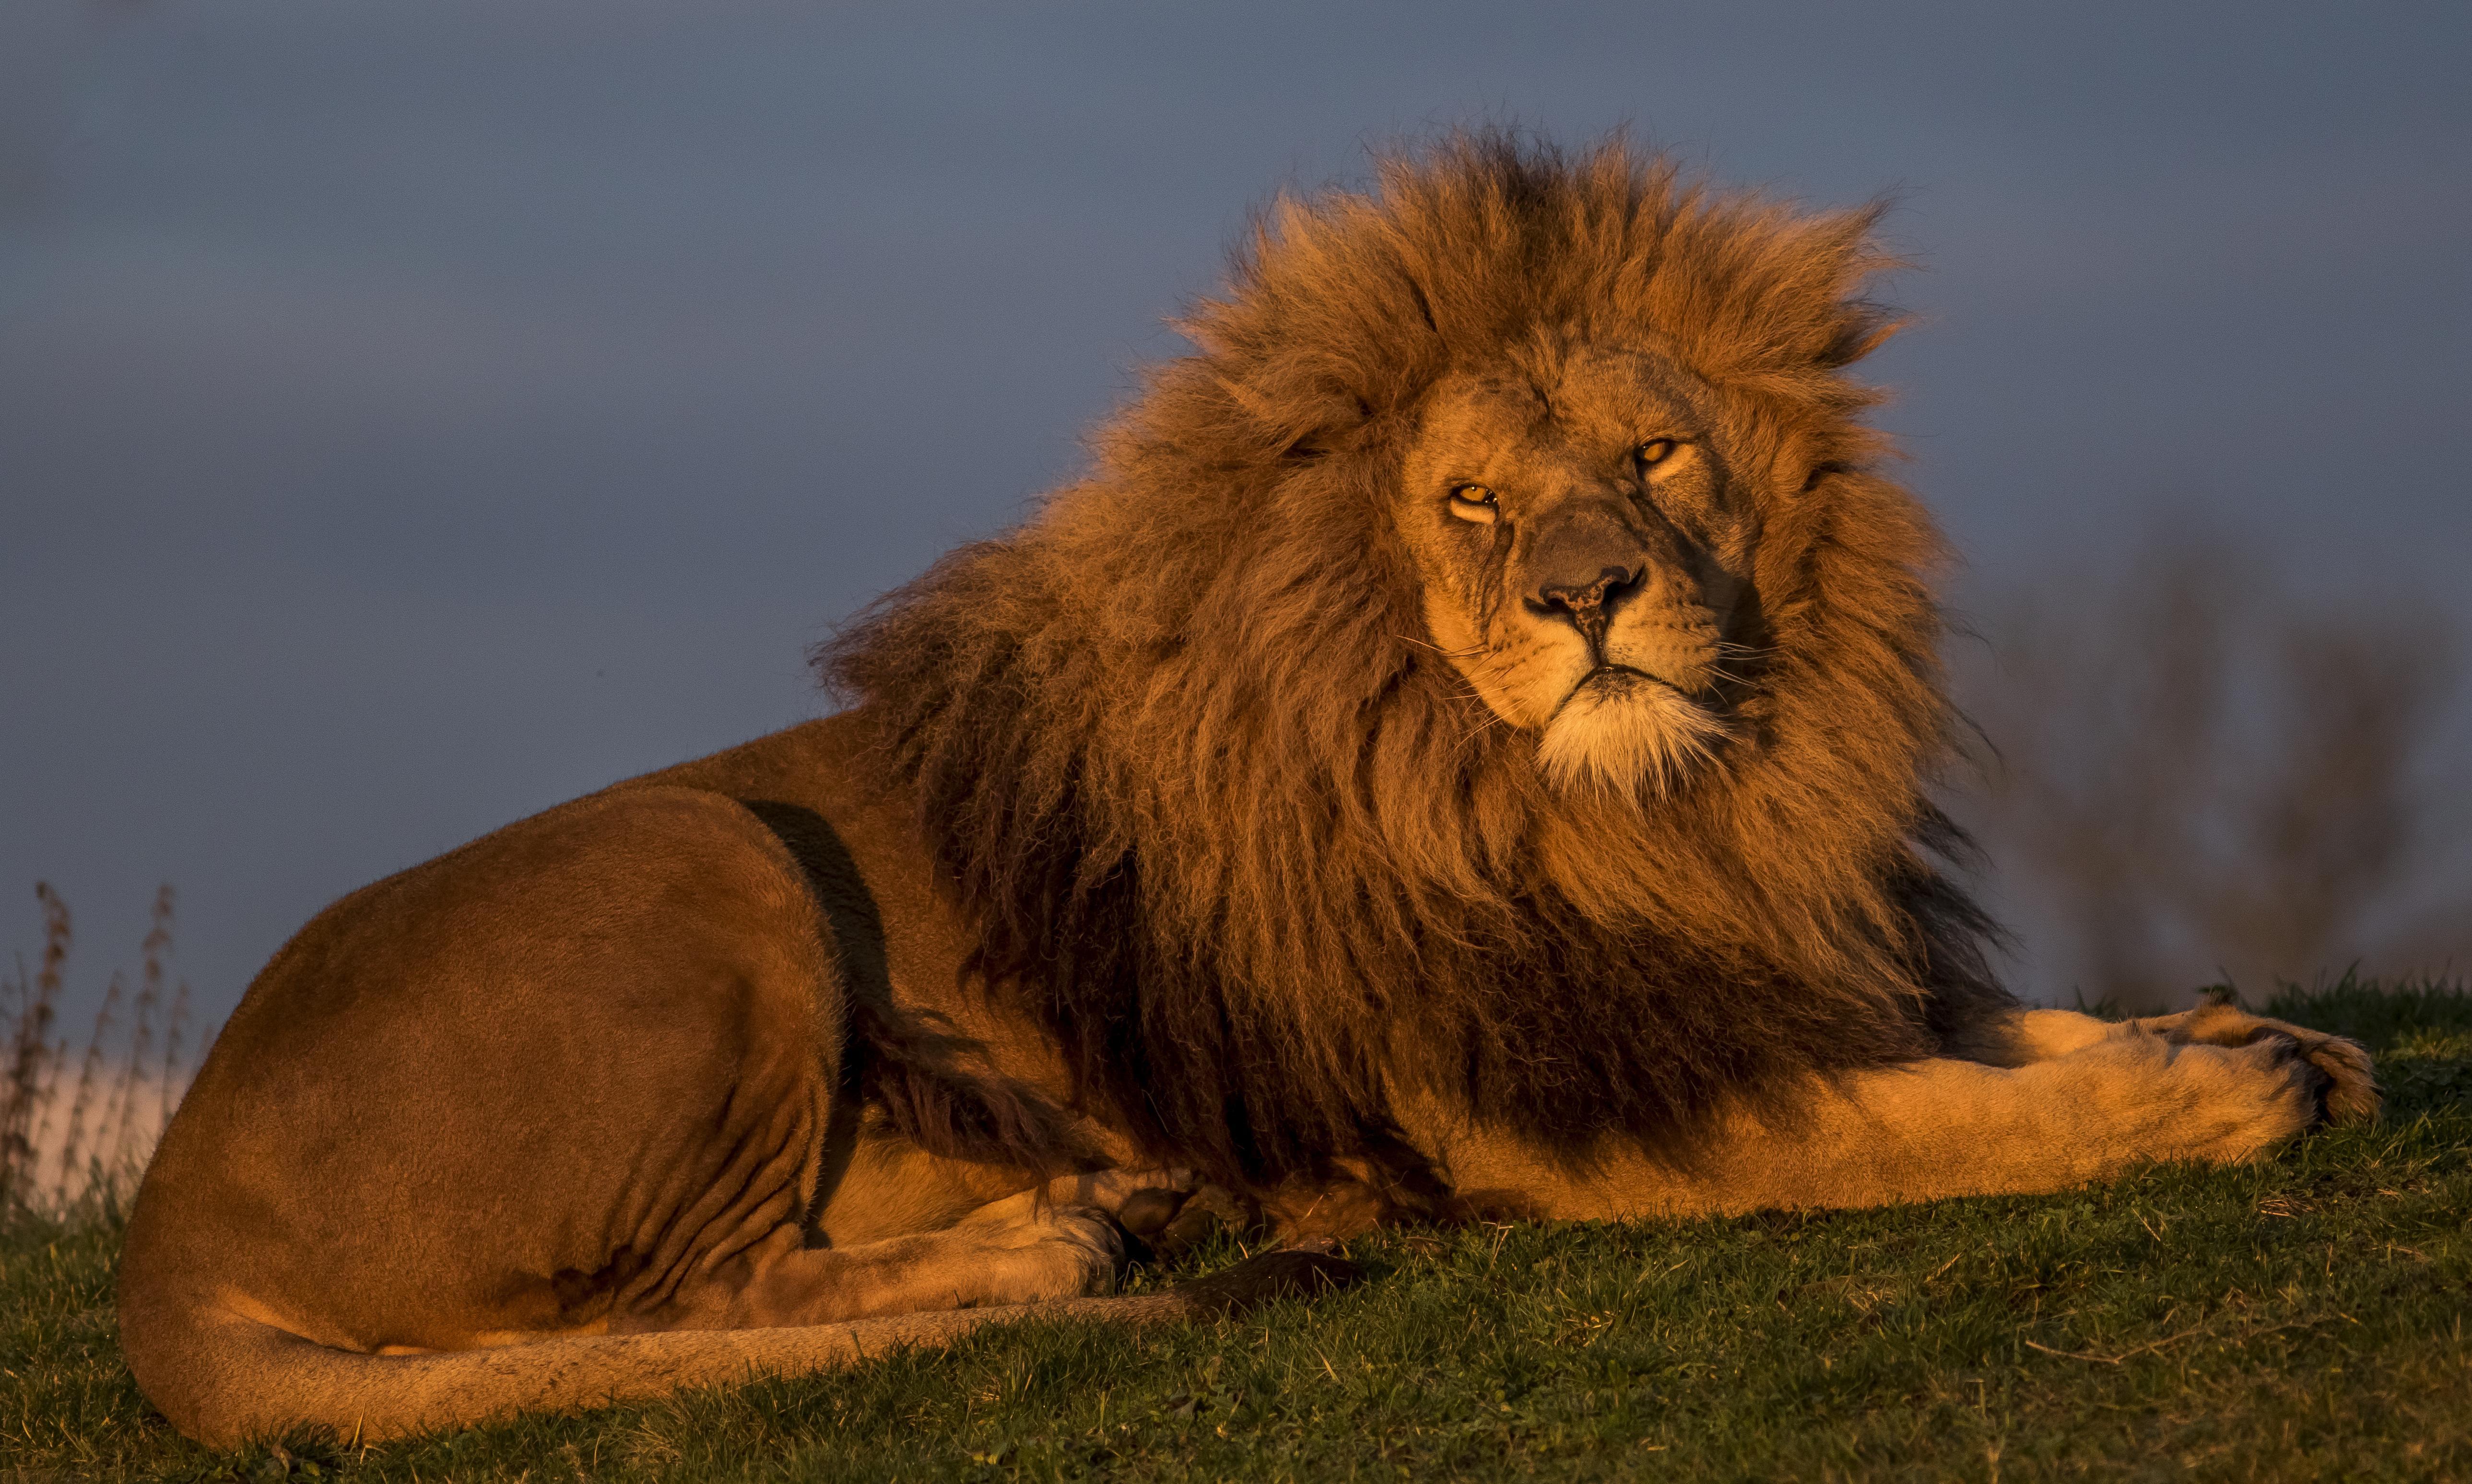 загрузить фото львов рамка